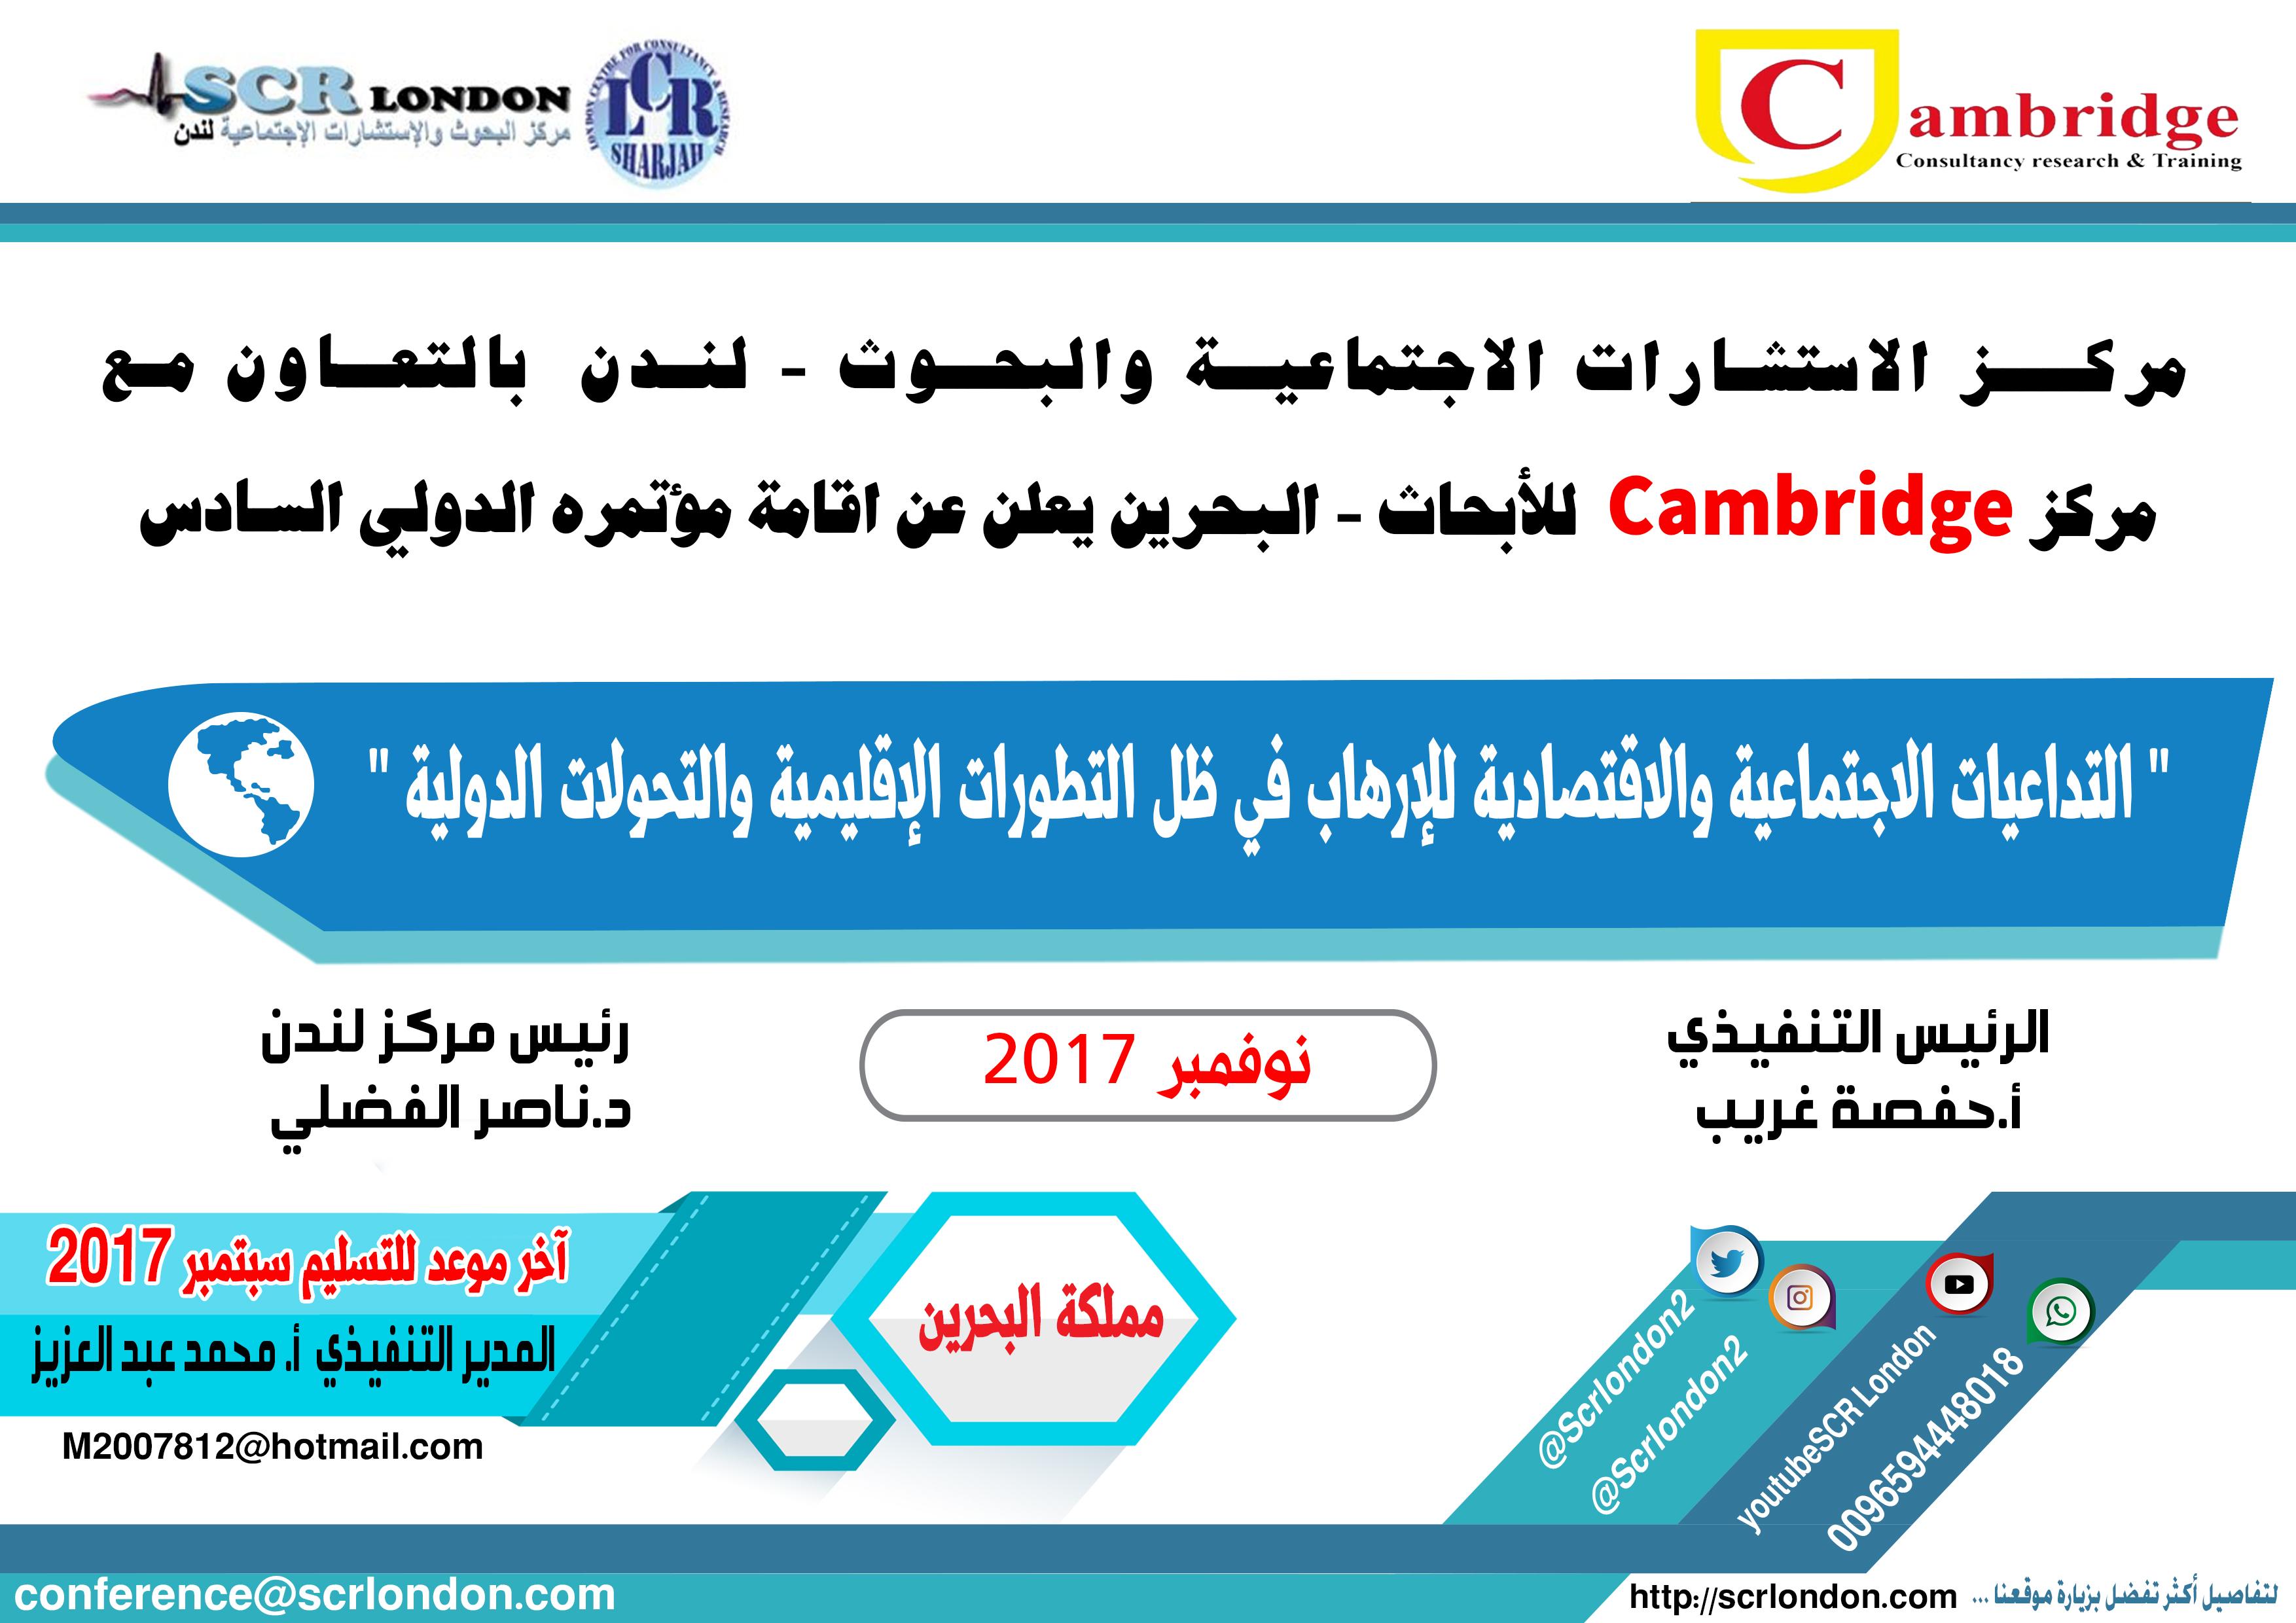 دعوة مركز البحوث لندن2